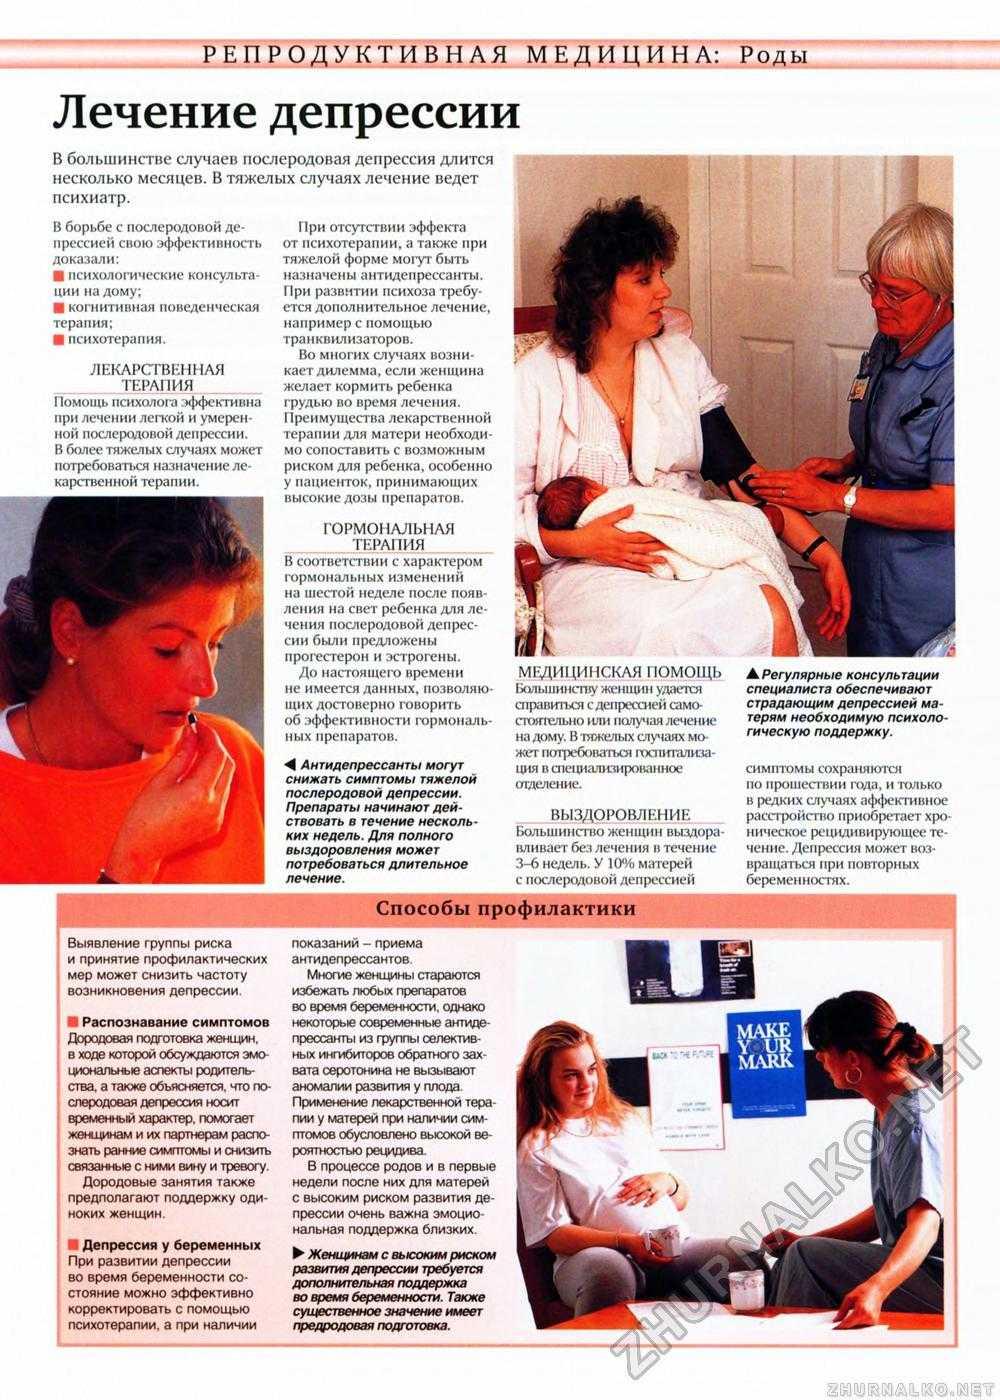 Предродовая и послеродовая депрессия. предродовая депрессия: причины и способы избавления